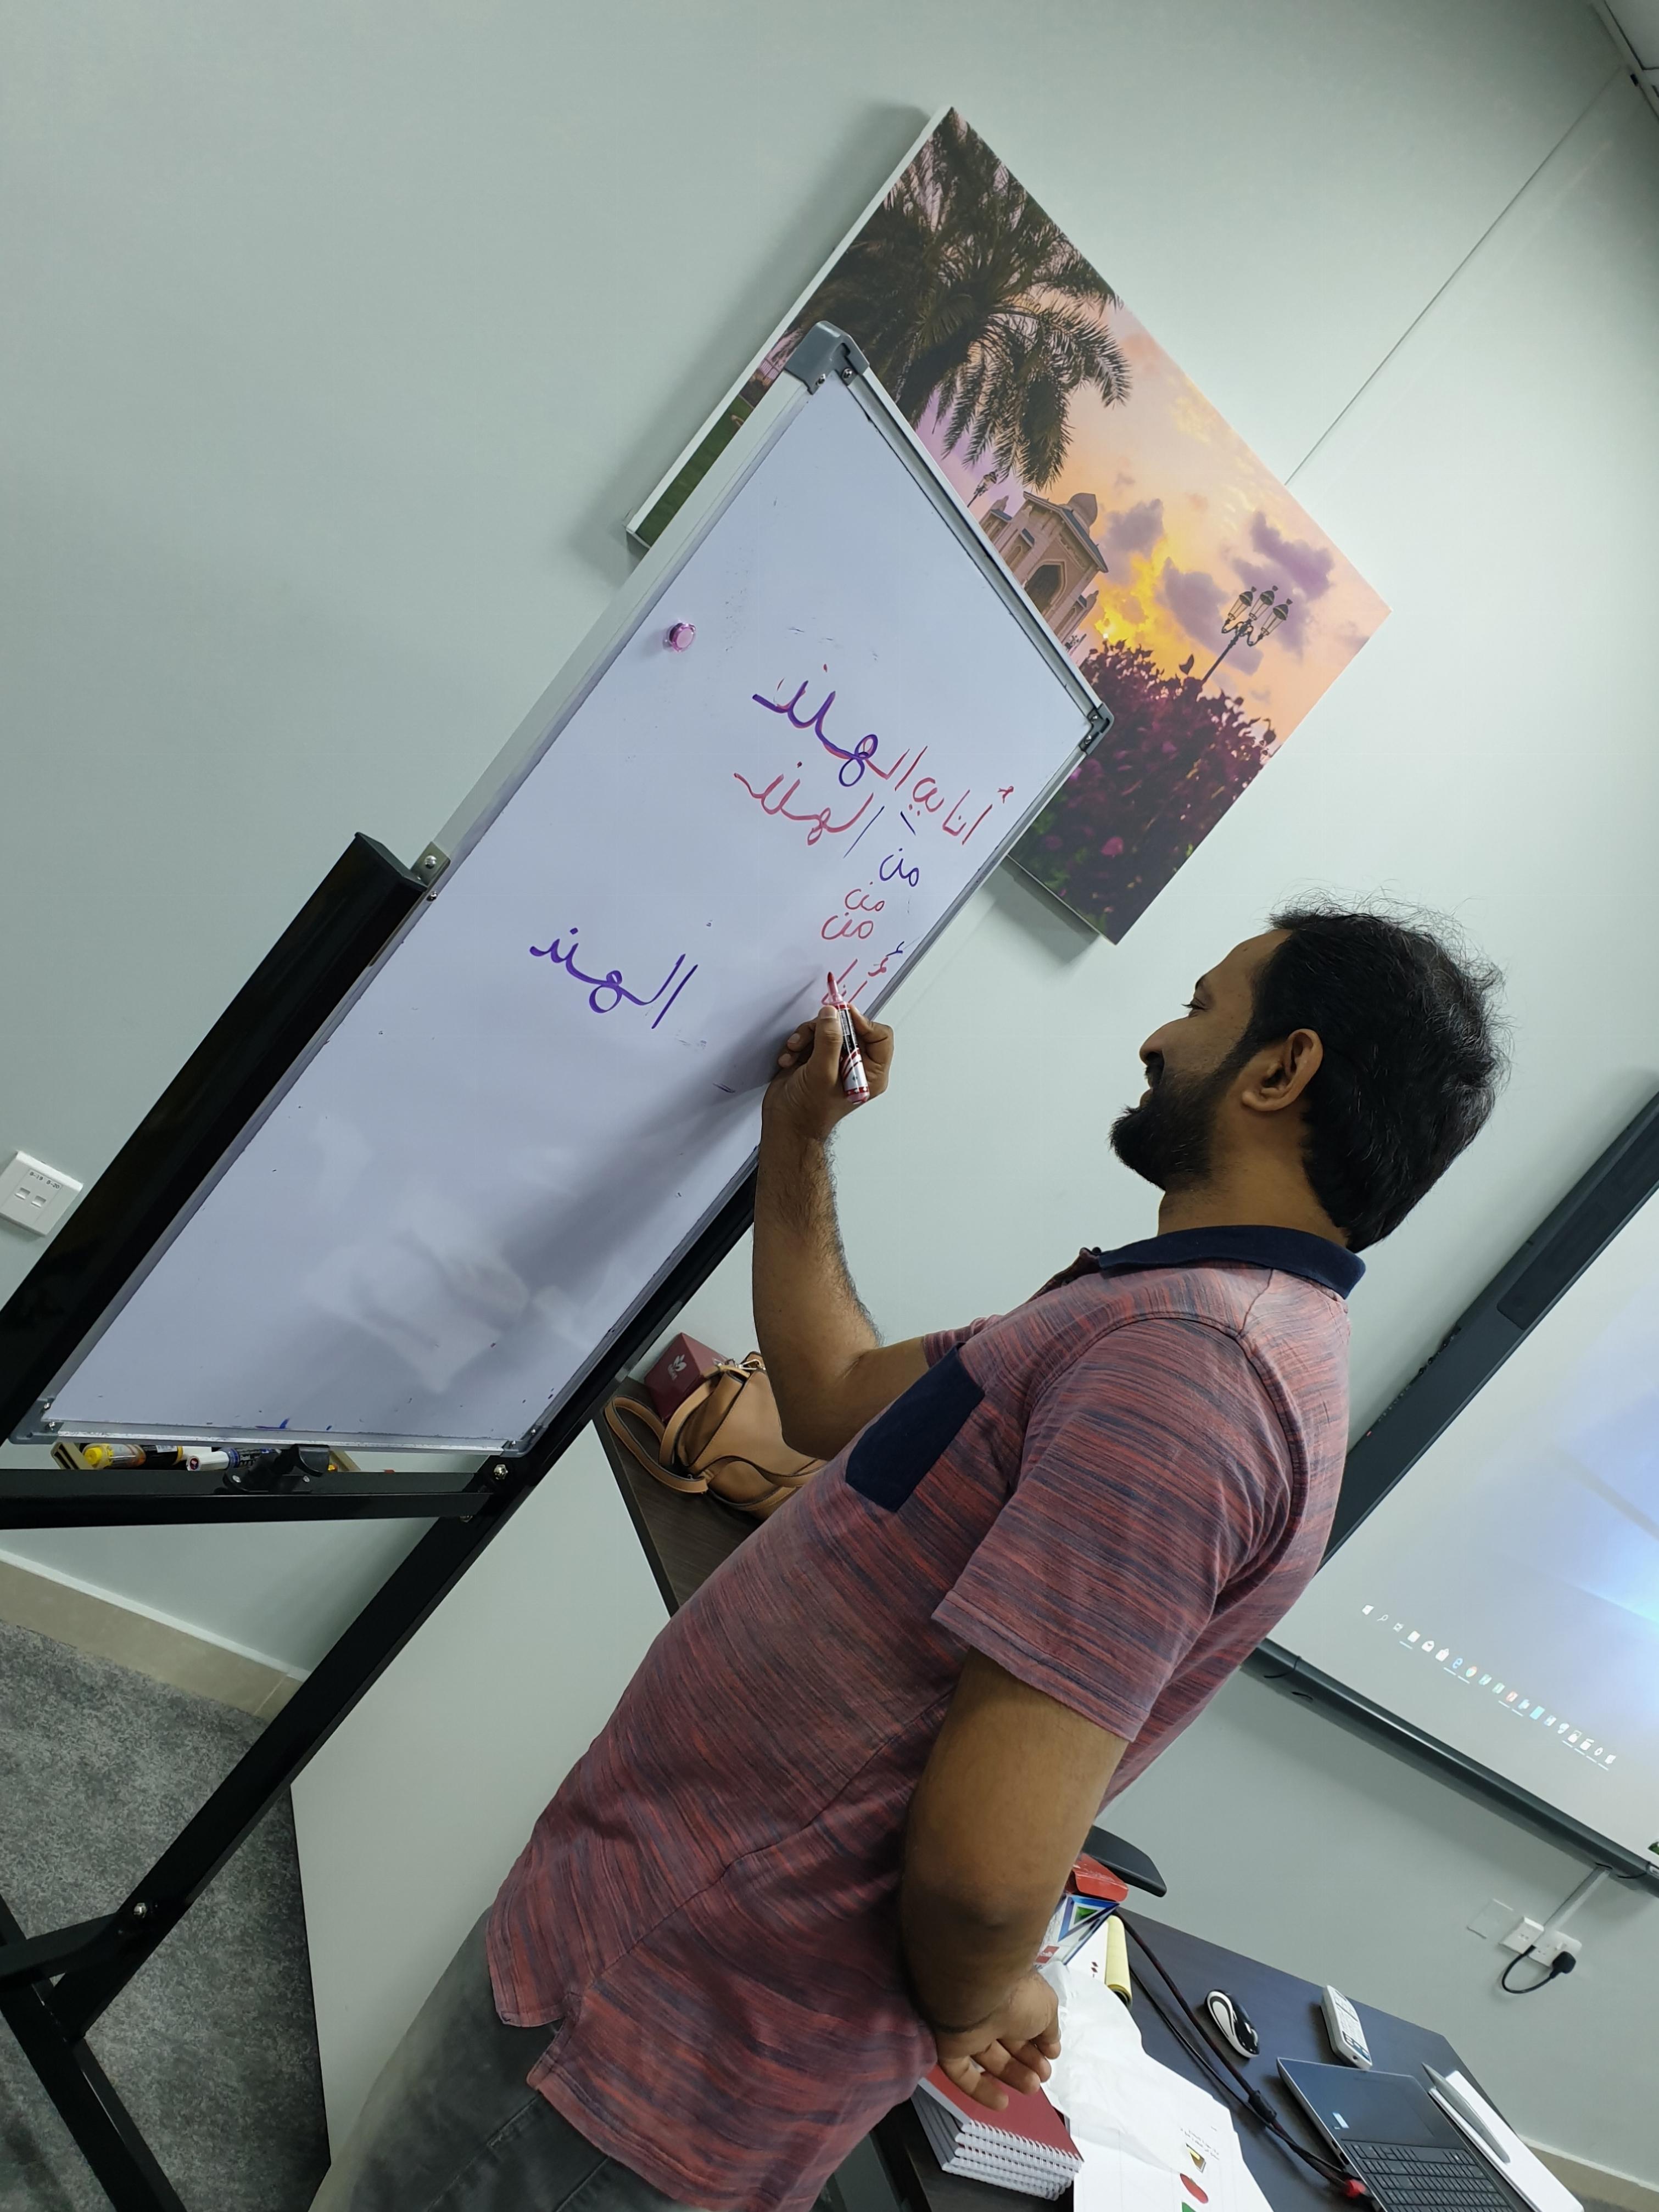 مركز اللّسان العربي ينطلق في دورته الثانية